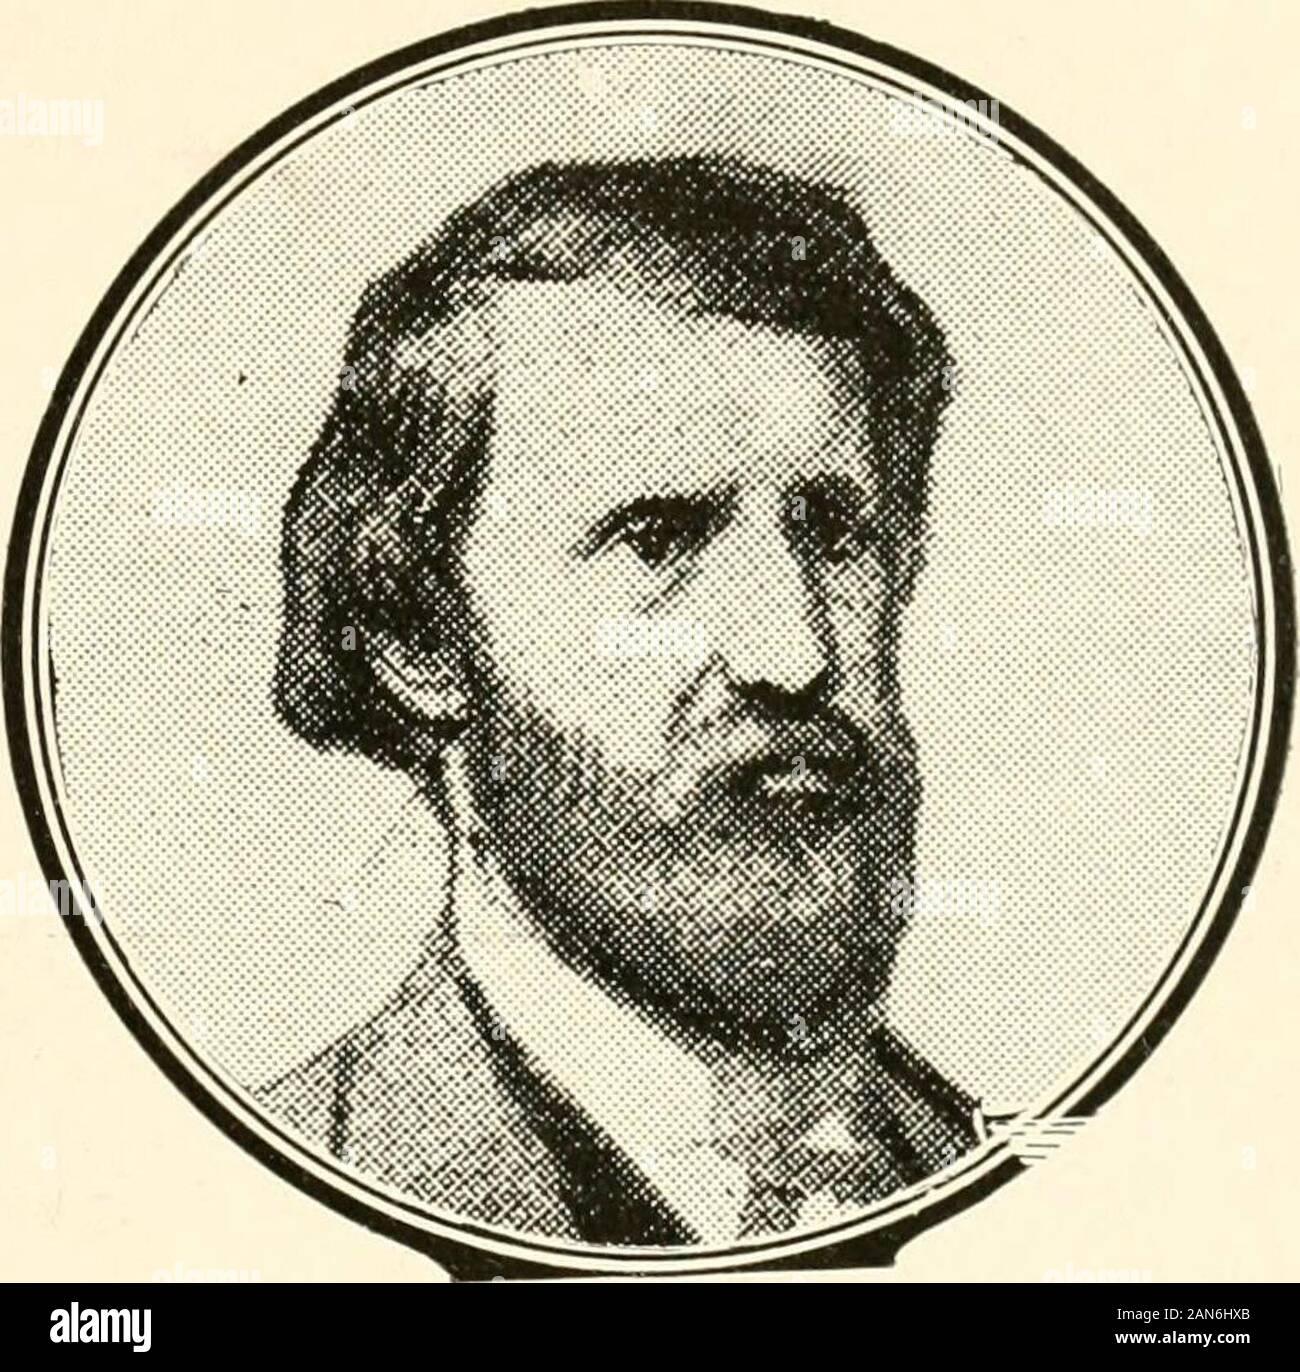 Die Geschichte und die Geographie von Texas, wie in der Grafschaft Namen gesagt. Für einige Zeit wieder durch die Republik Texas bezahlt wurde, war er Sekretär des Krieges unter Präs.-Ident Houston, und Staatssekretär unter Präsident Lamar, und später Minister in die Vereinigten Staaten aus der Republik ofTexas. Anschließend war er als Minister nach Mex-ico. Wenn seine Anmeldedaten wurden nach Mexiko geschickt, Santa Annapolitely zurückgeschickt, mit der Aussage, dass er Oberst Biene bedelighted würde als sein Freund, aber nie als offizieller Vertreter der rebellischen Provinz Texas zu erhalten. Er war im Gegensatz zu Annexion, ein Stockfoto